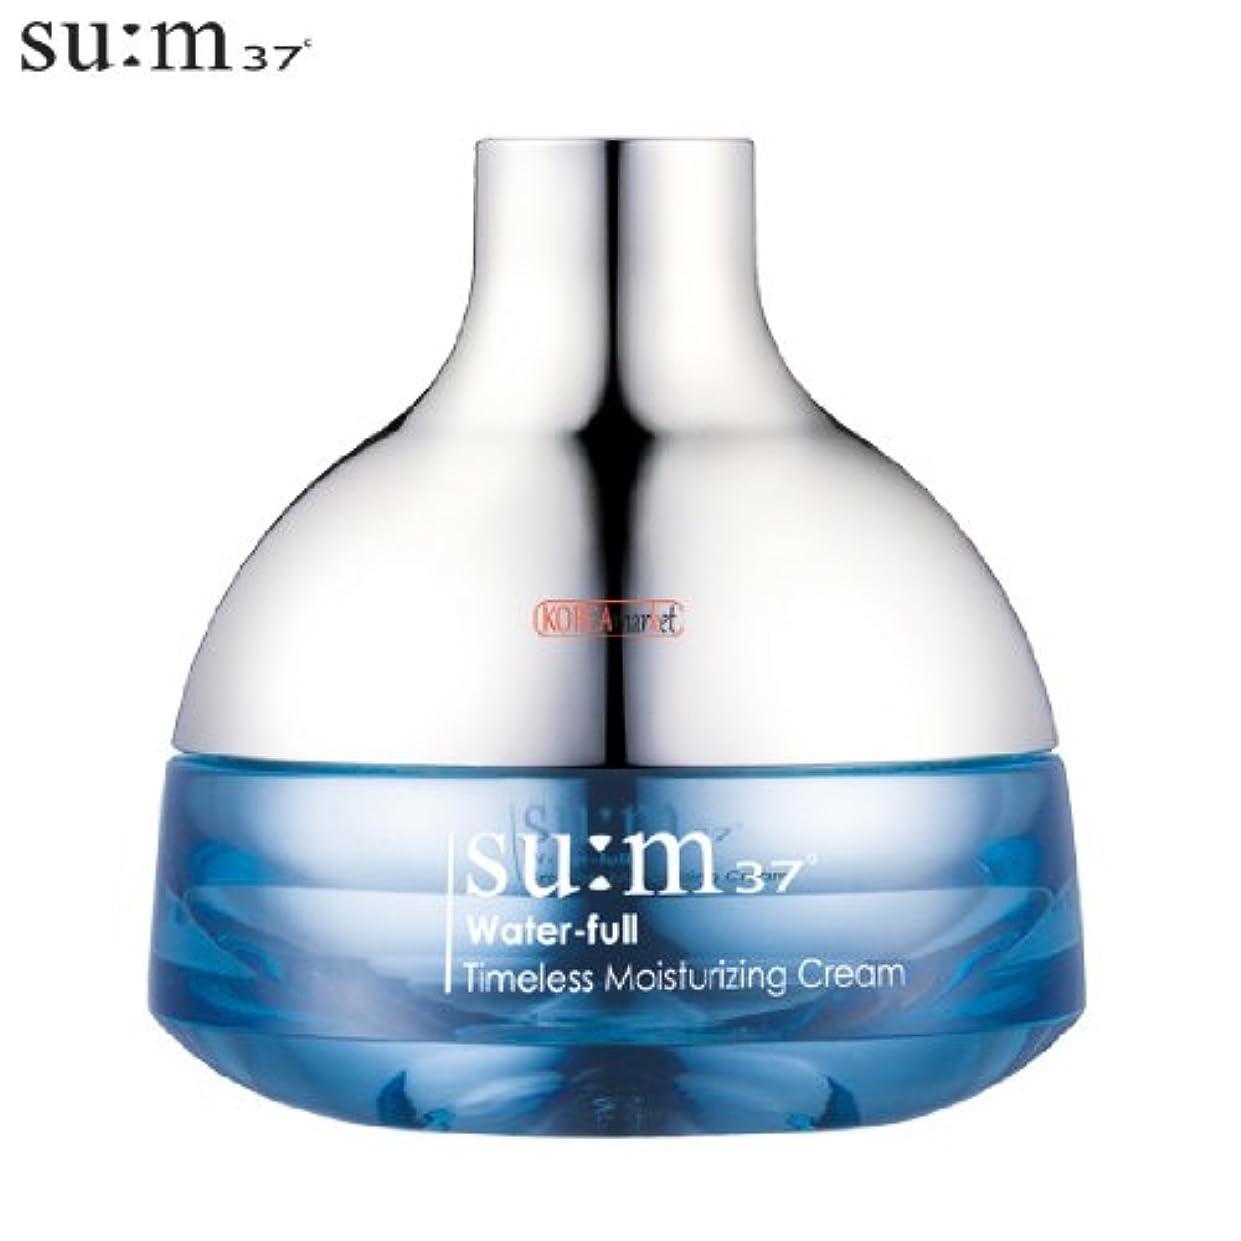 一般公平なハンディsu:m37°(スム37°)ウォーターフル タイムレス モイスチャライジングクリーム 海外直送品